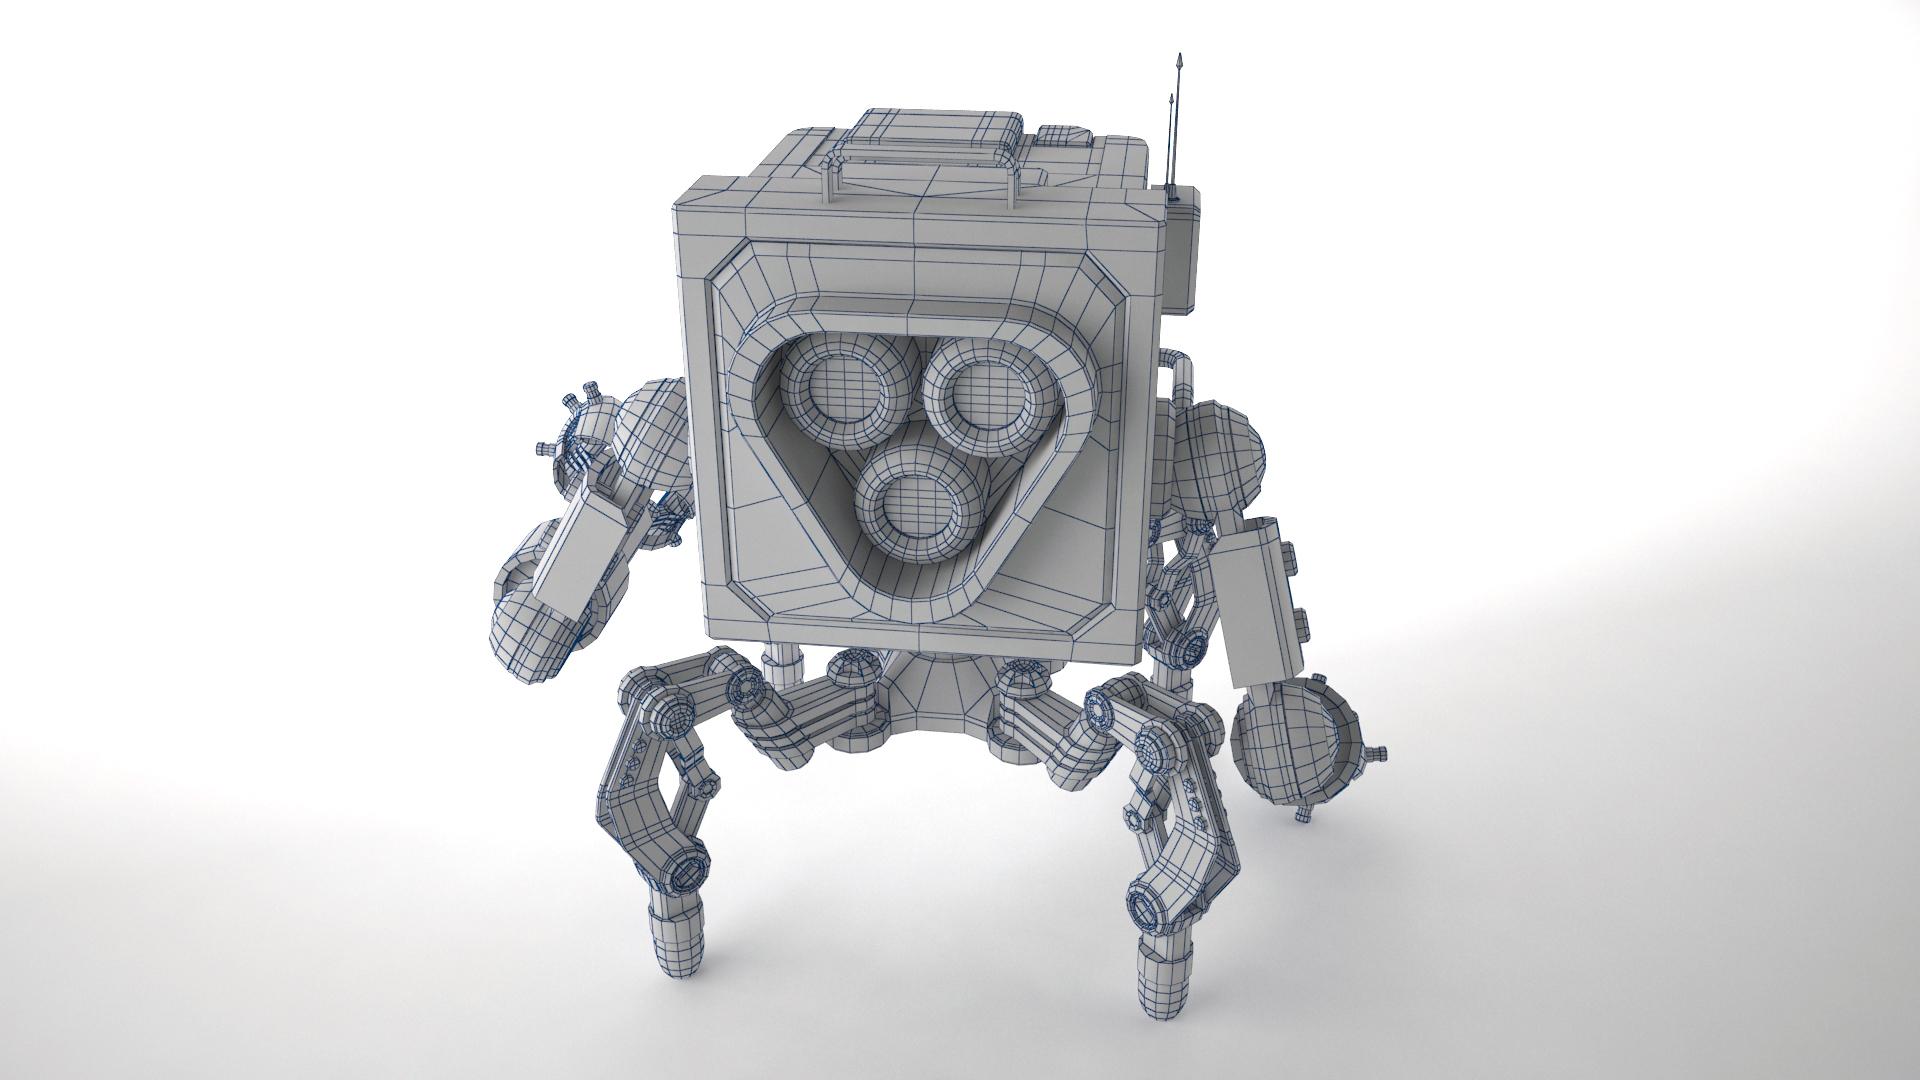 robot gsg1 3d model 3ds max fbx obj 267417